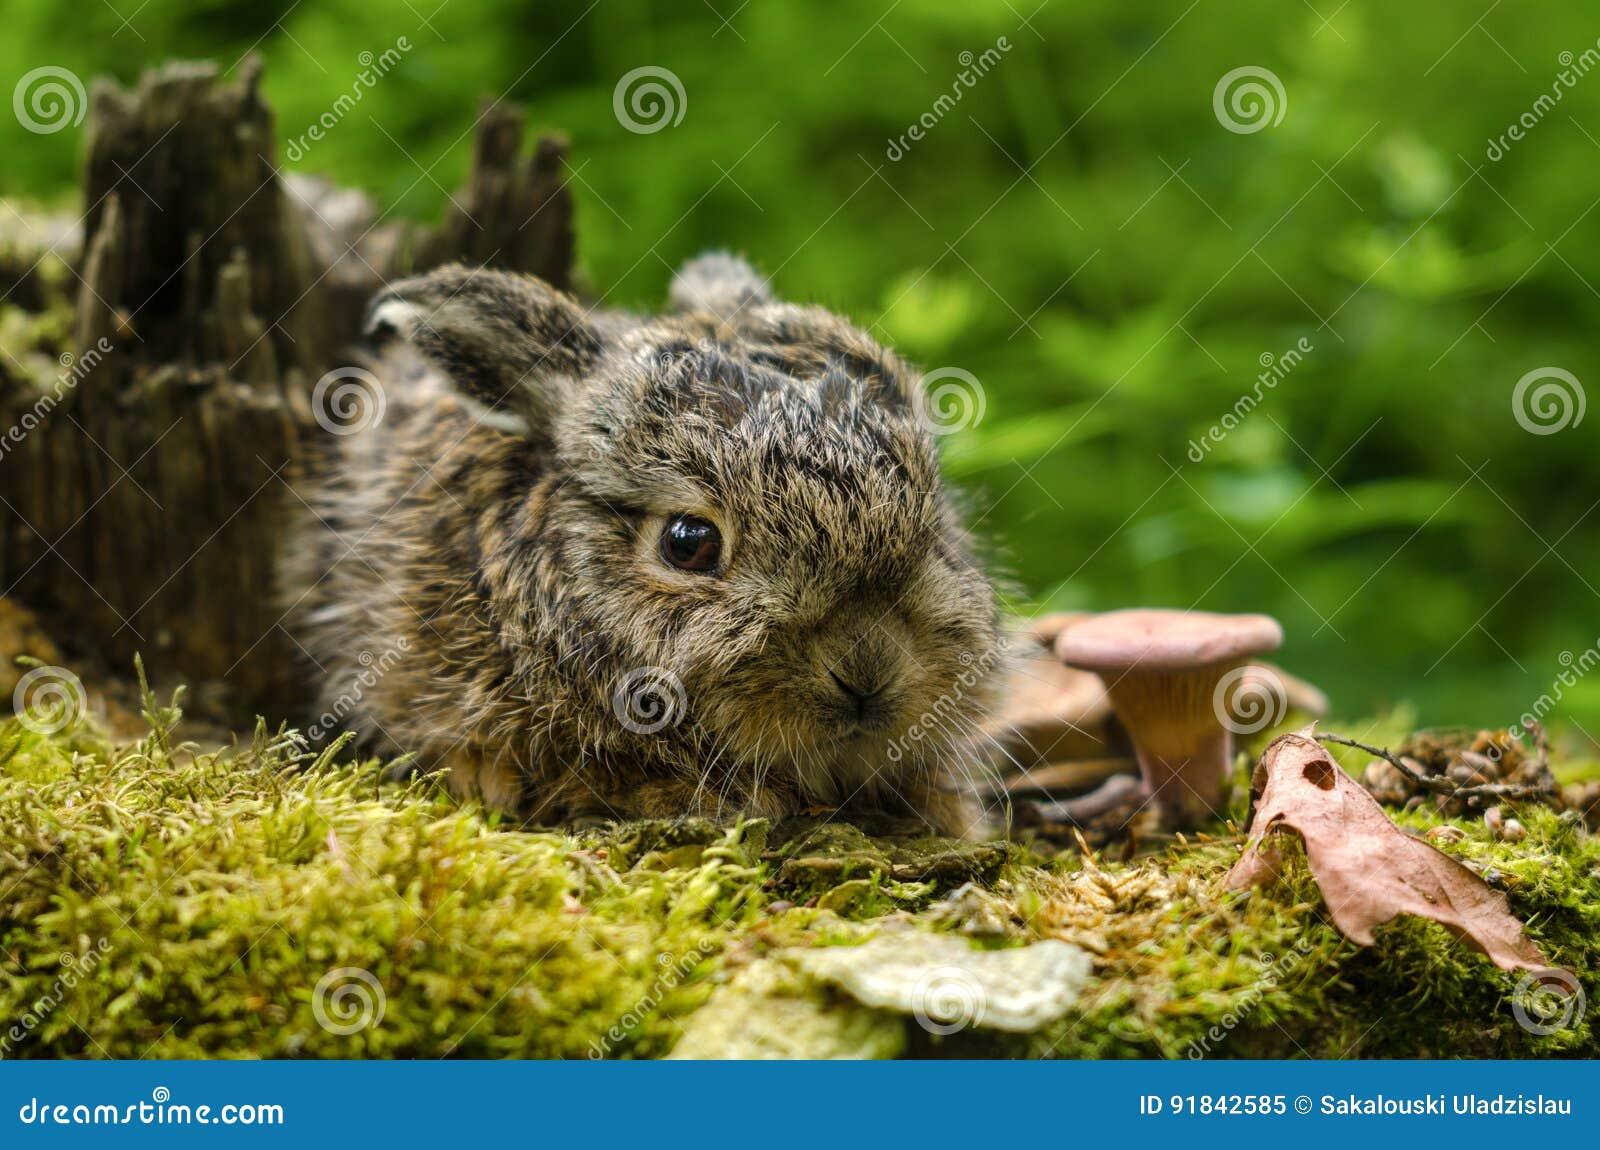 Piękny nowonarodzony dziecko królik wśród spadać pieczarek i liści